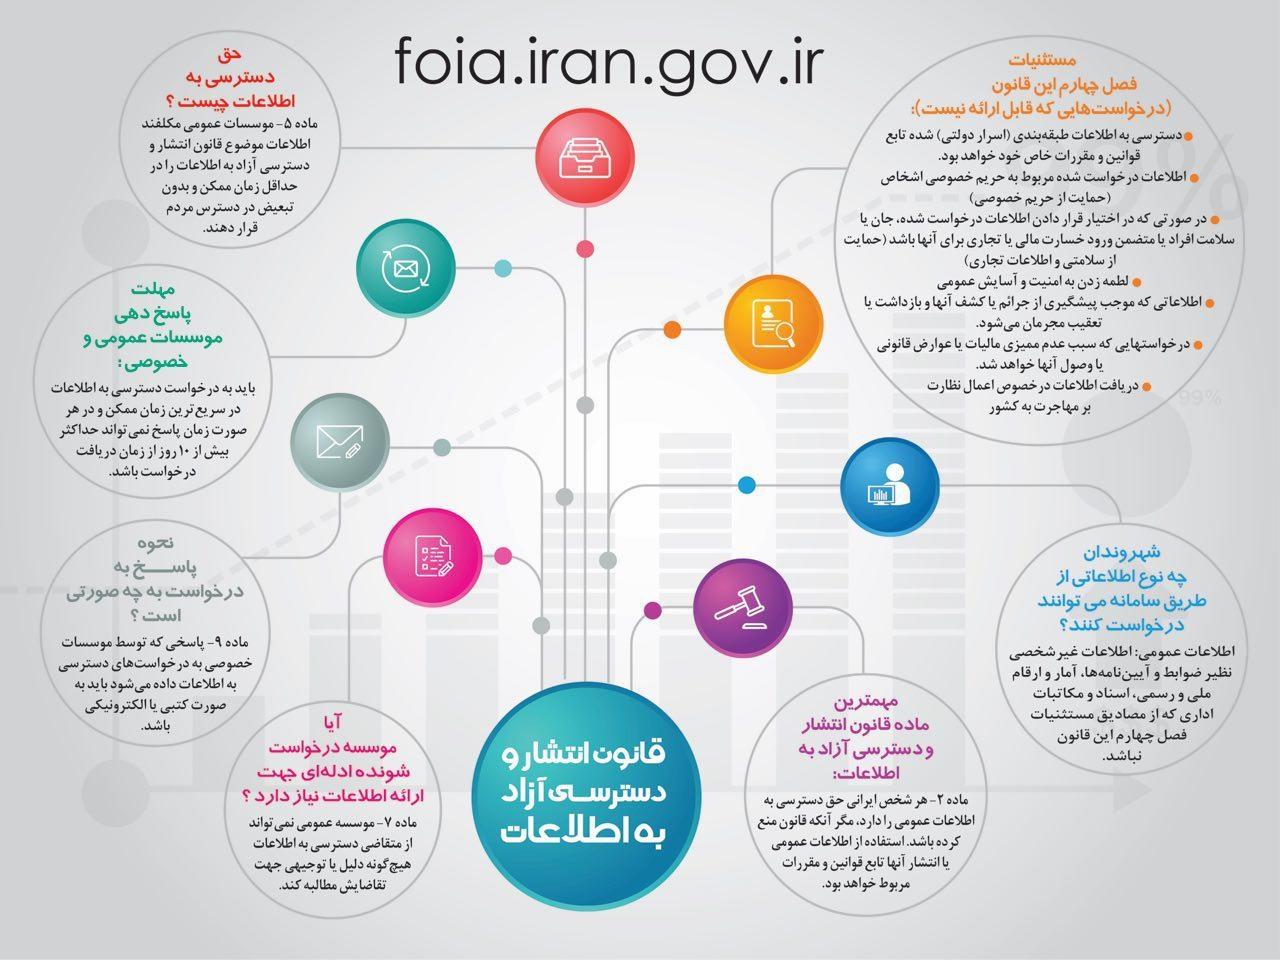 قانون انتشار و دسترسی آزاد به اطلاعات در یک نگاه